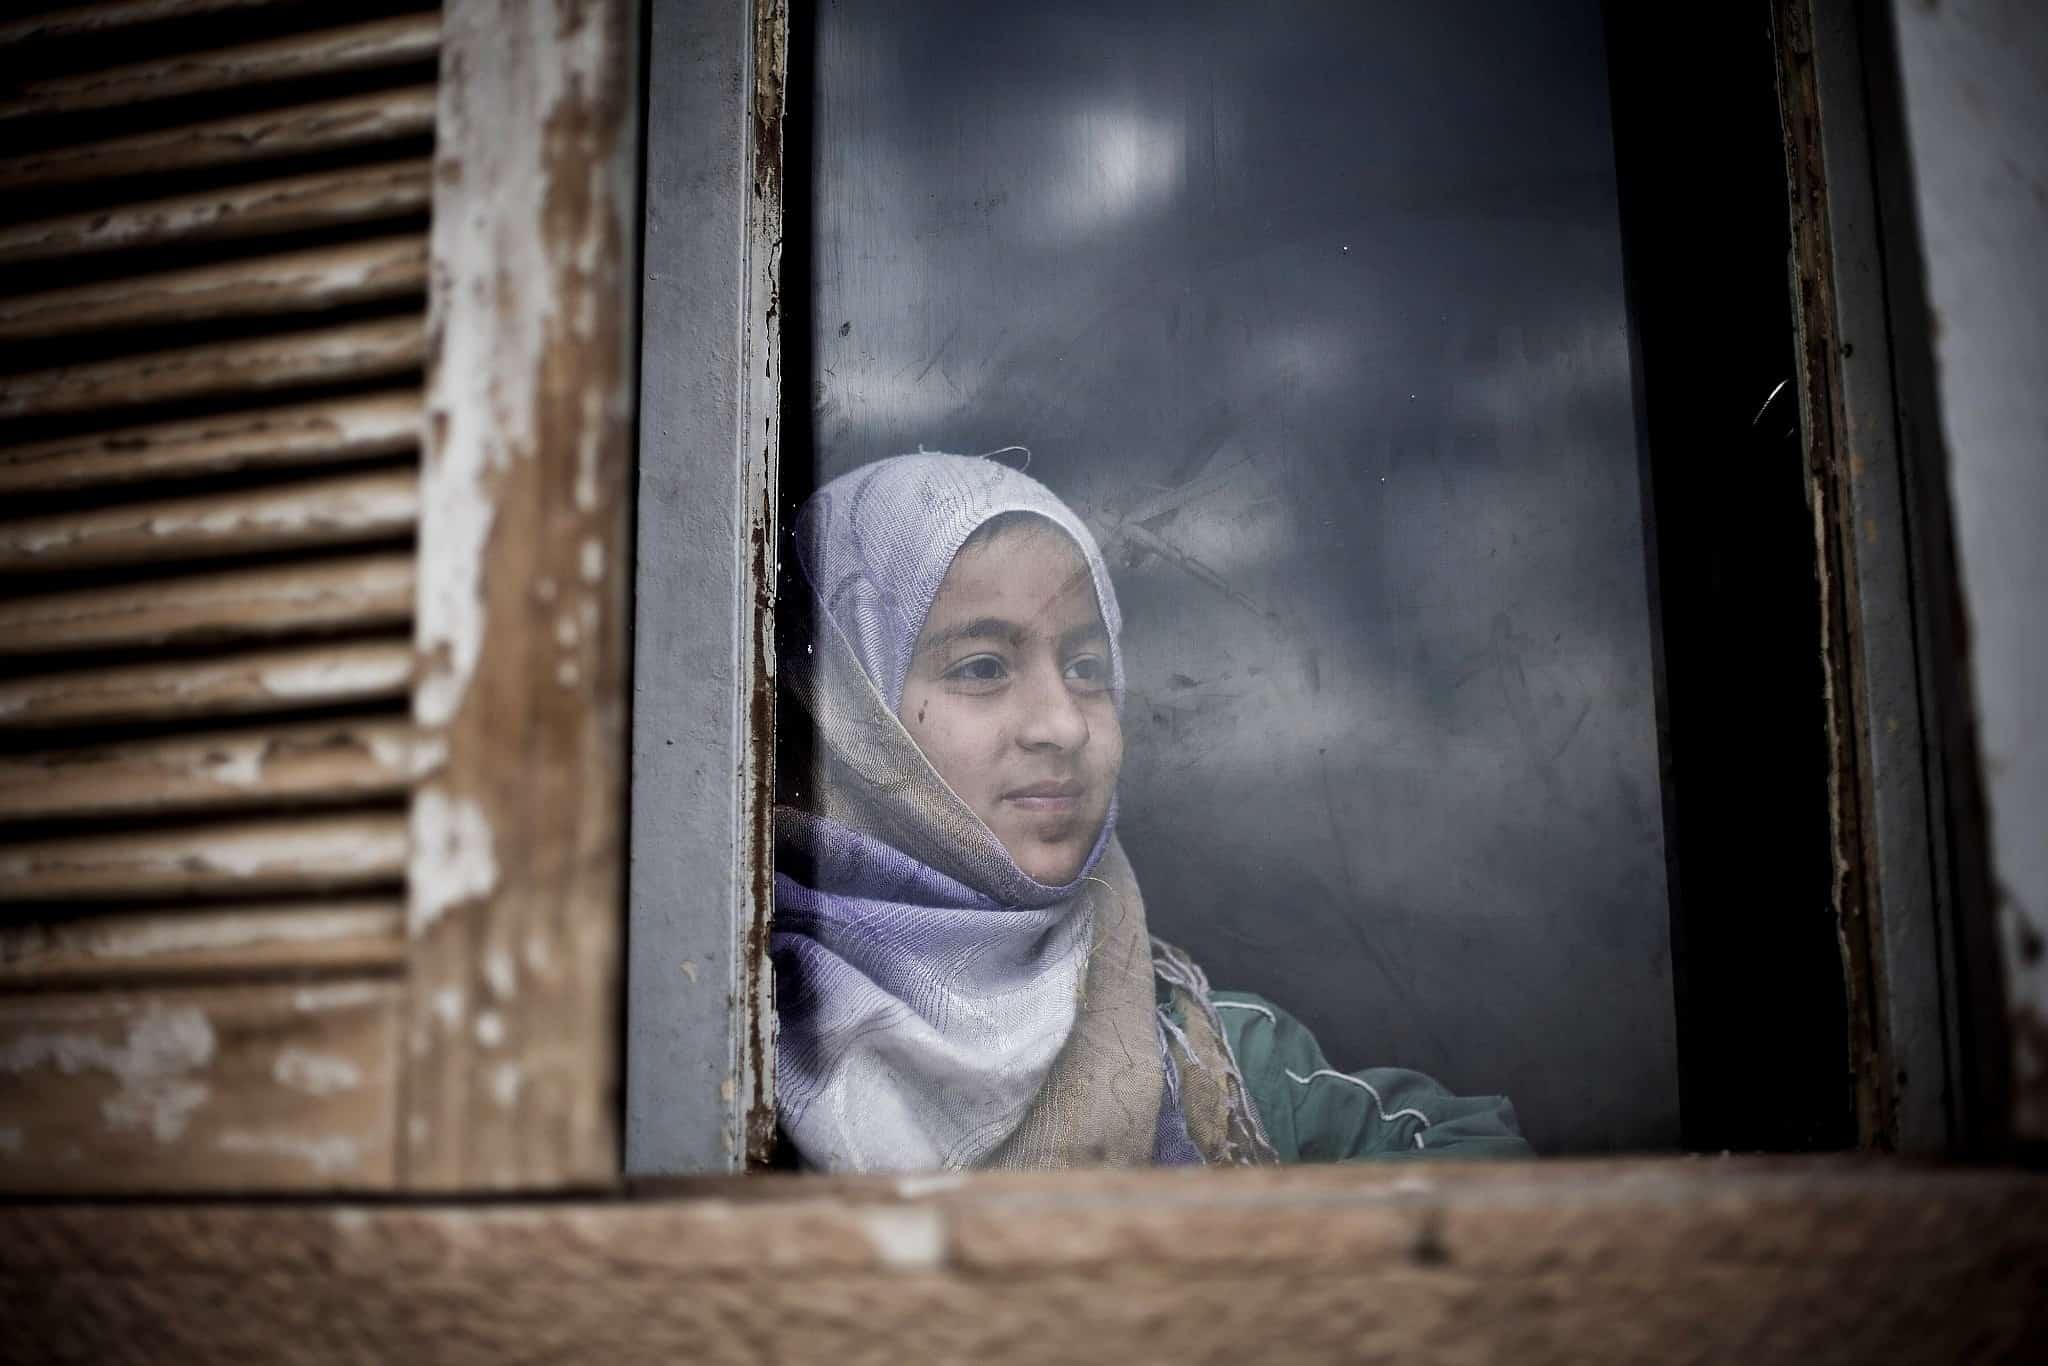 נערה סורית מביטה בחלון בית בקמישלי (צילום: AP Photo/Manu Brabo)